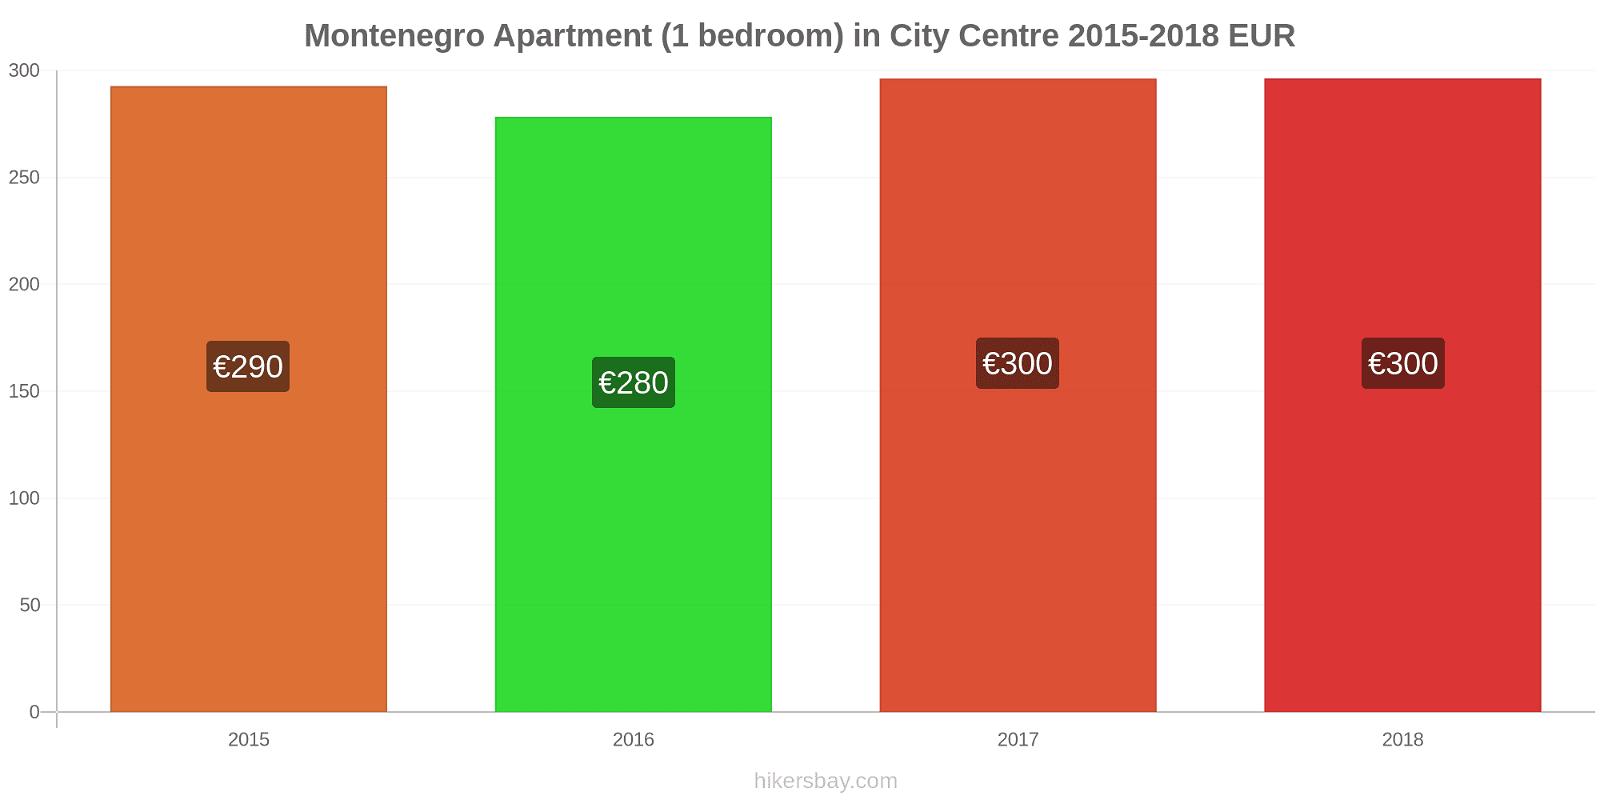 Montenegro price changes Apartment (1 bedroom) in City Centre hikersbay.com